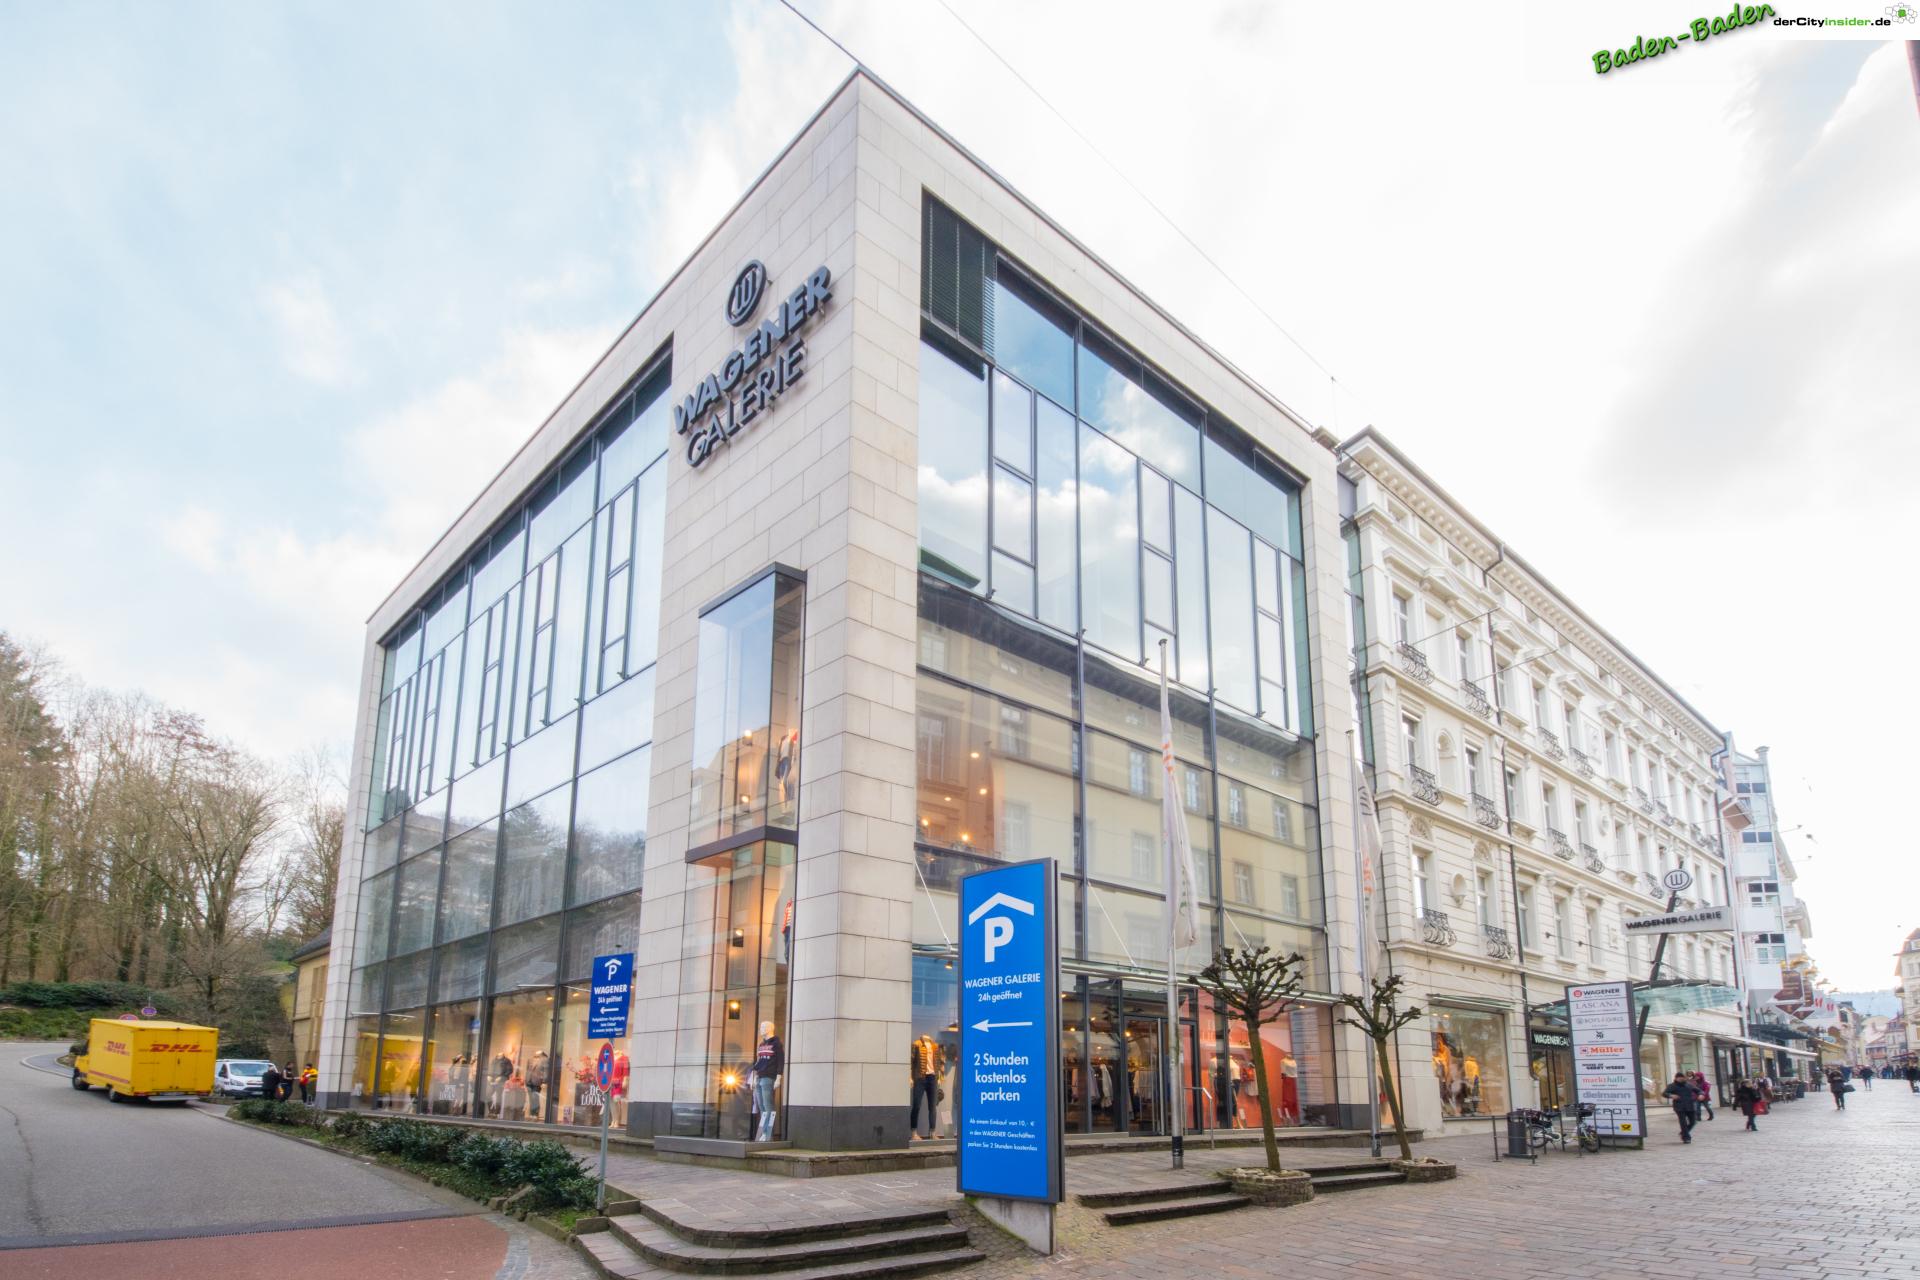 Wagener Galerie Baden-Baden